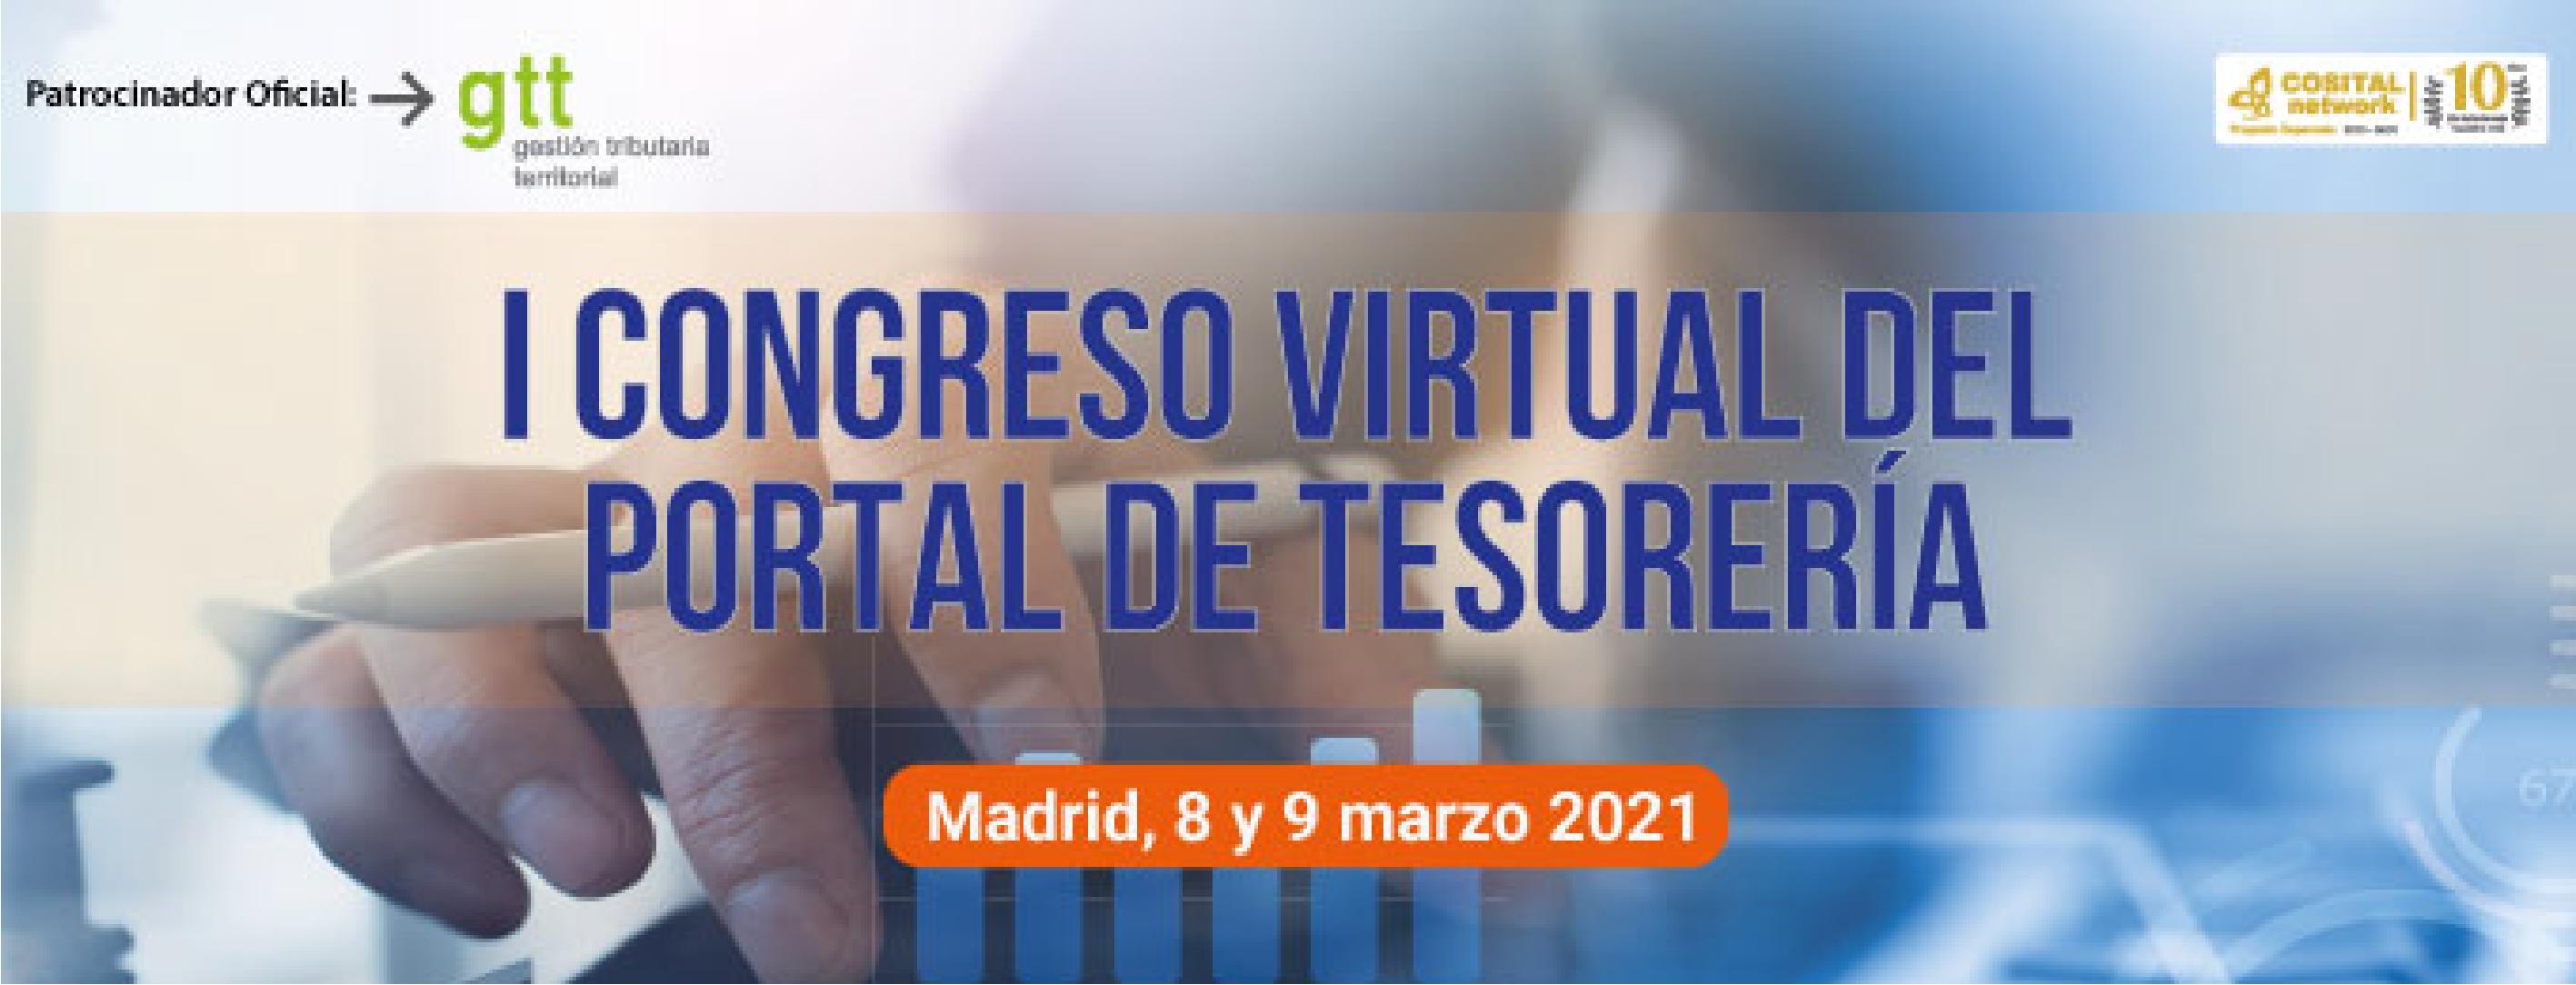 Gtt patrocina el I Congreso virtual del portal de Tesorería